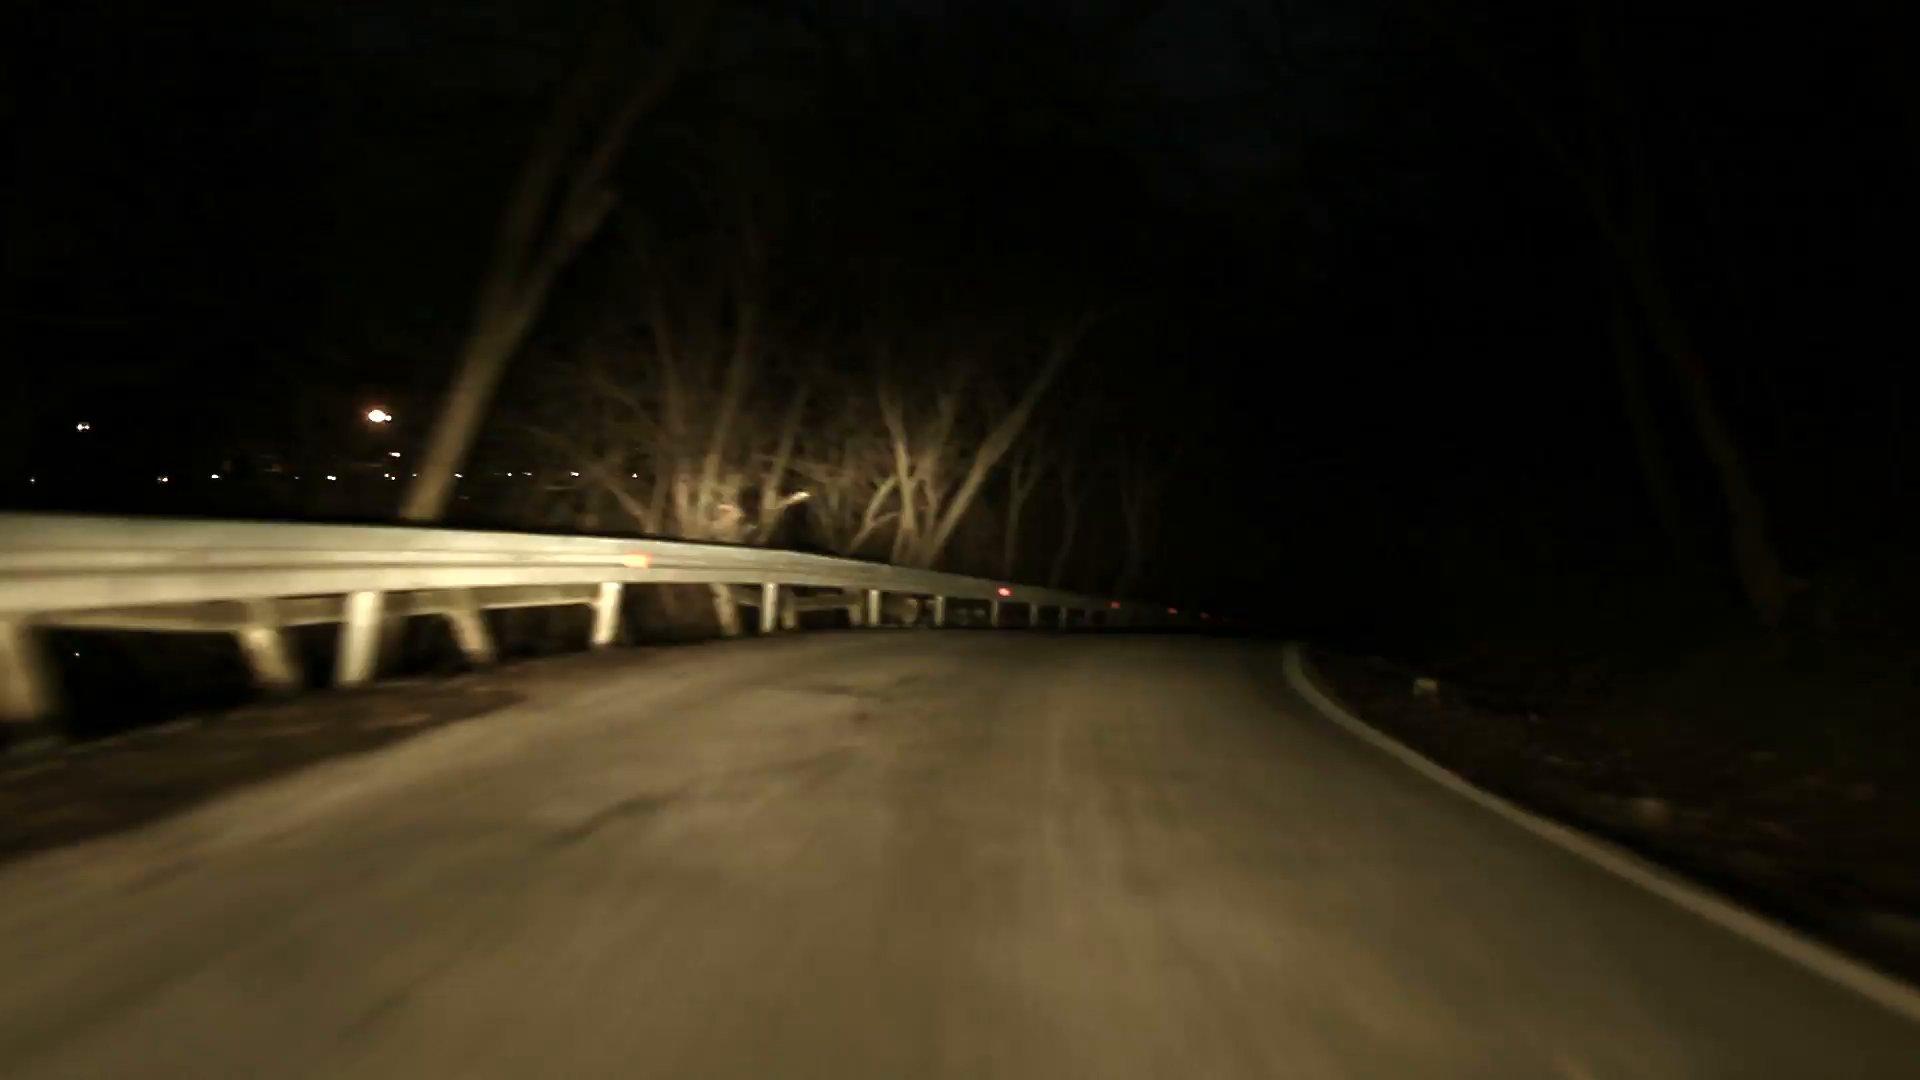 conducir-en-el-oscuro-camino-en-el-invierno-noche-pov-del-vehículo_mjdi42hq__f0004